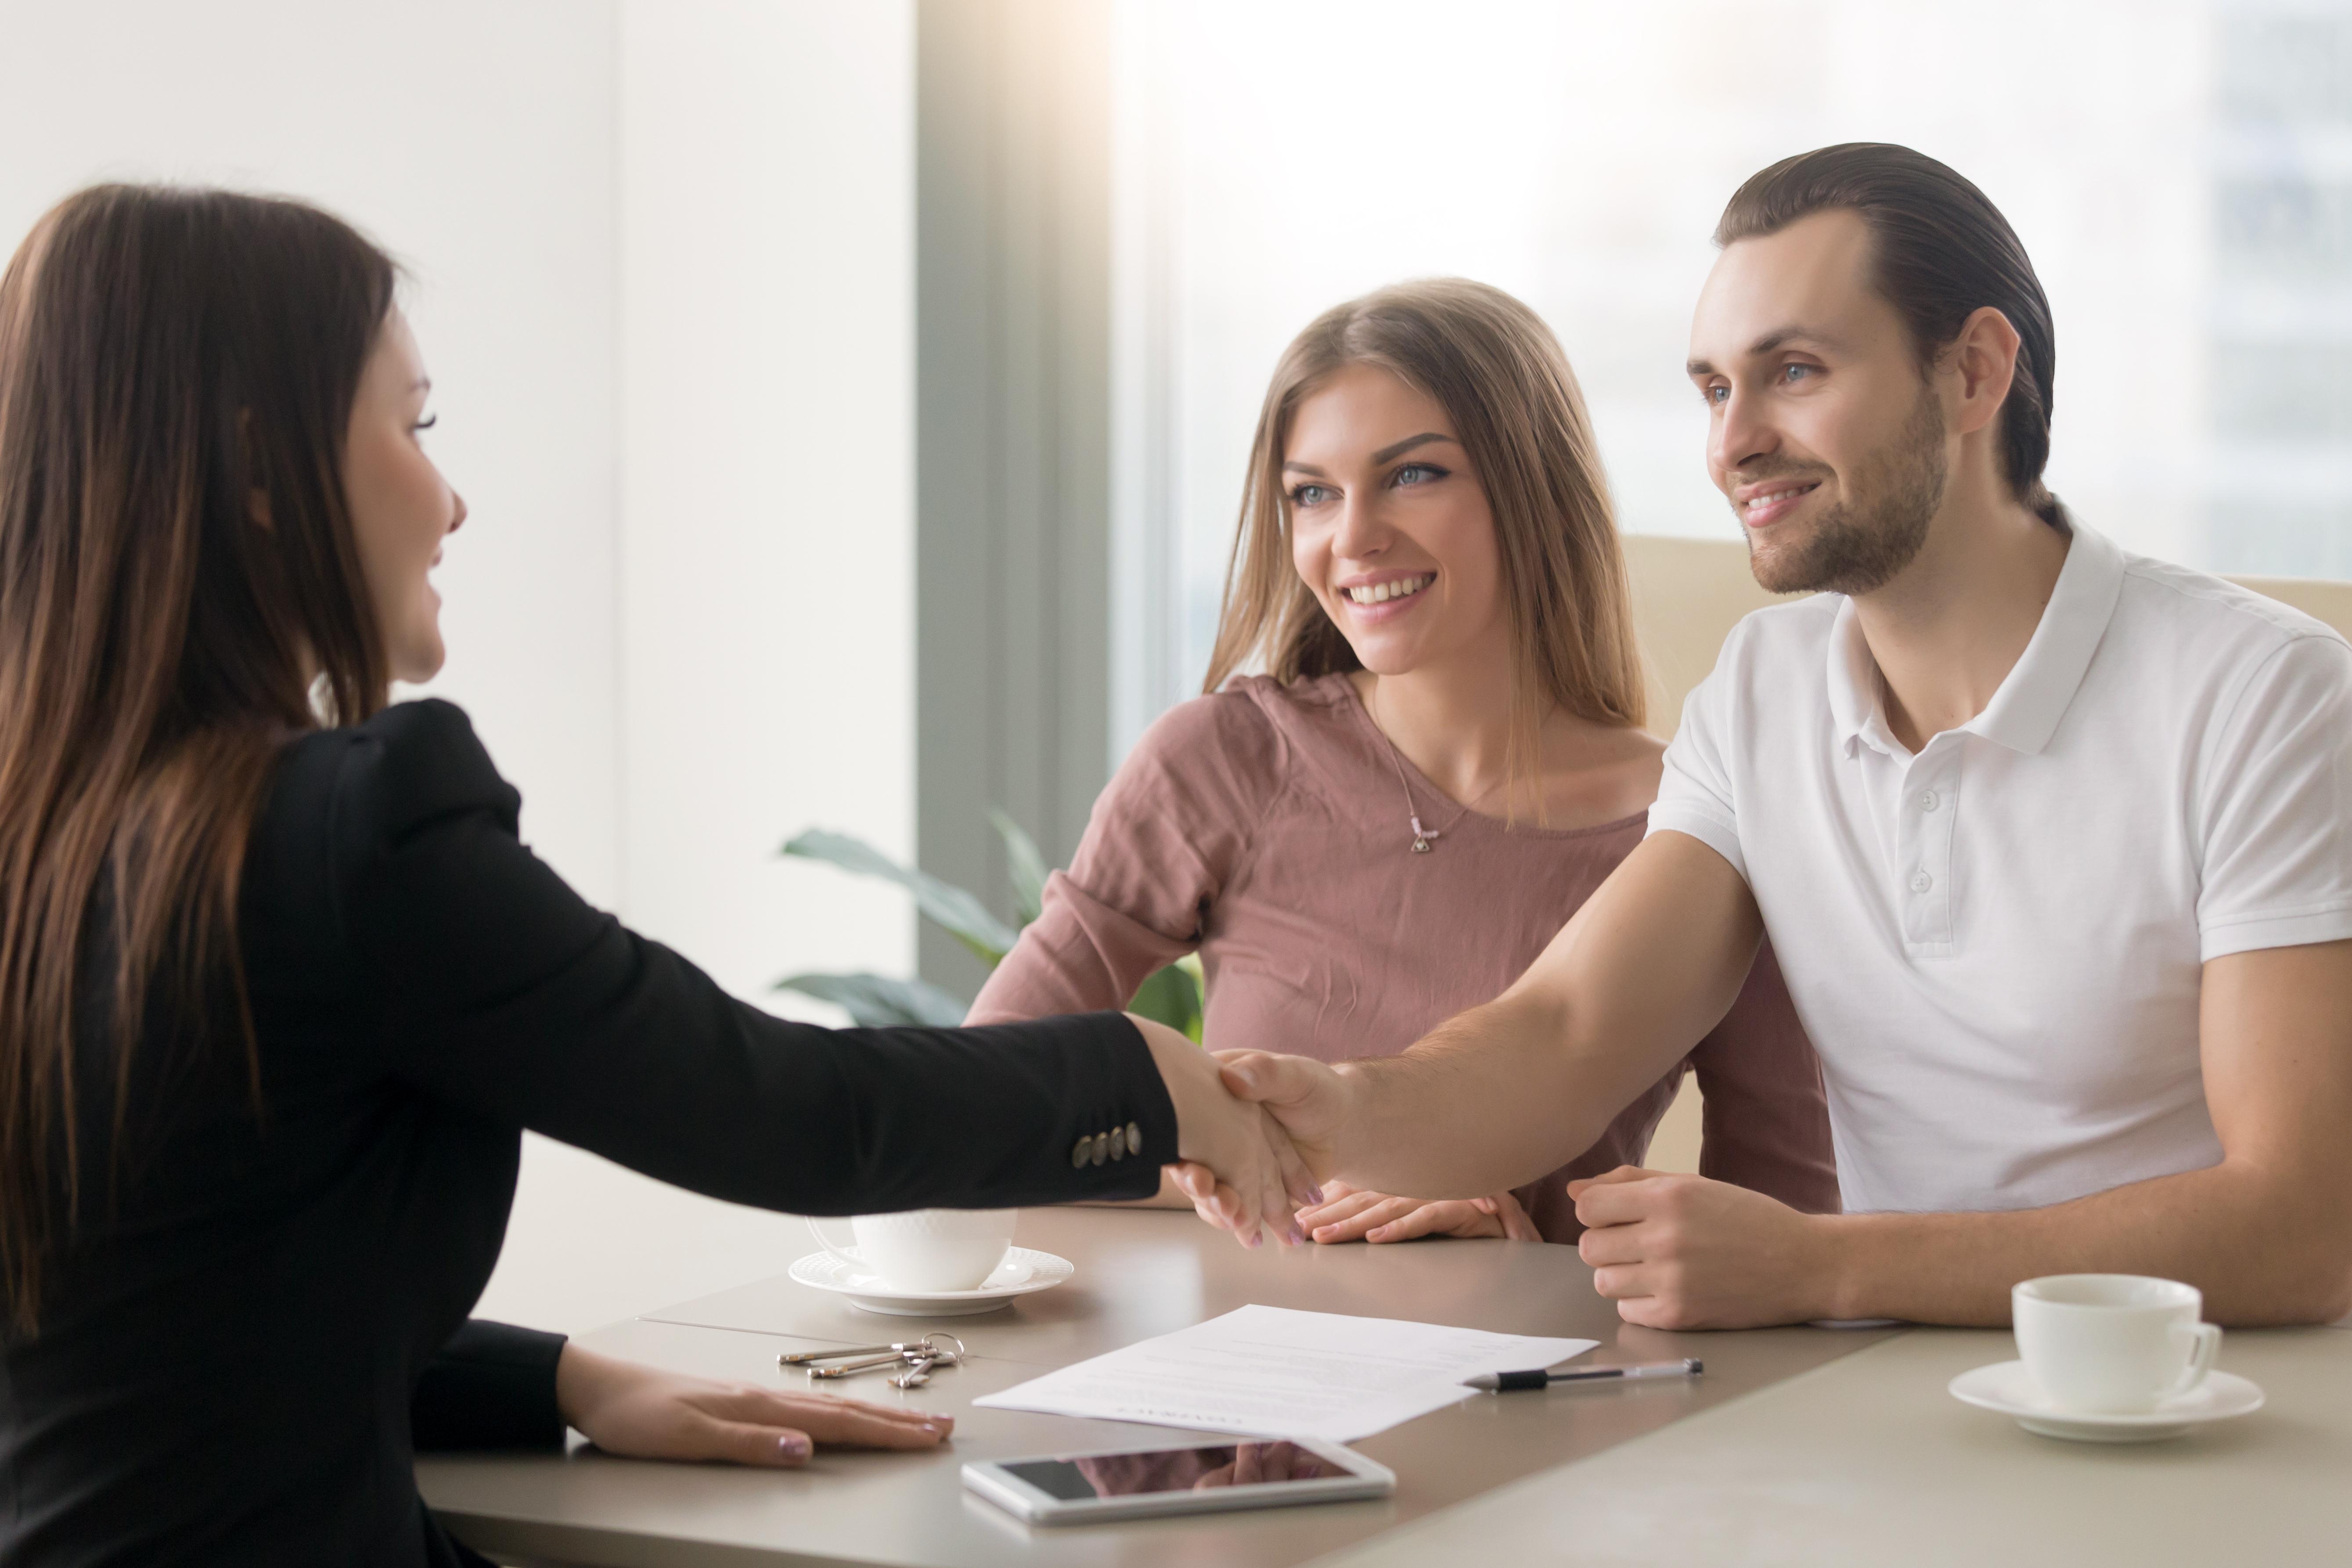 רכישת דירה מקבלן